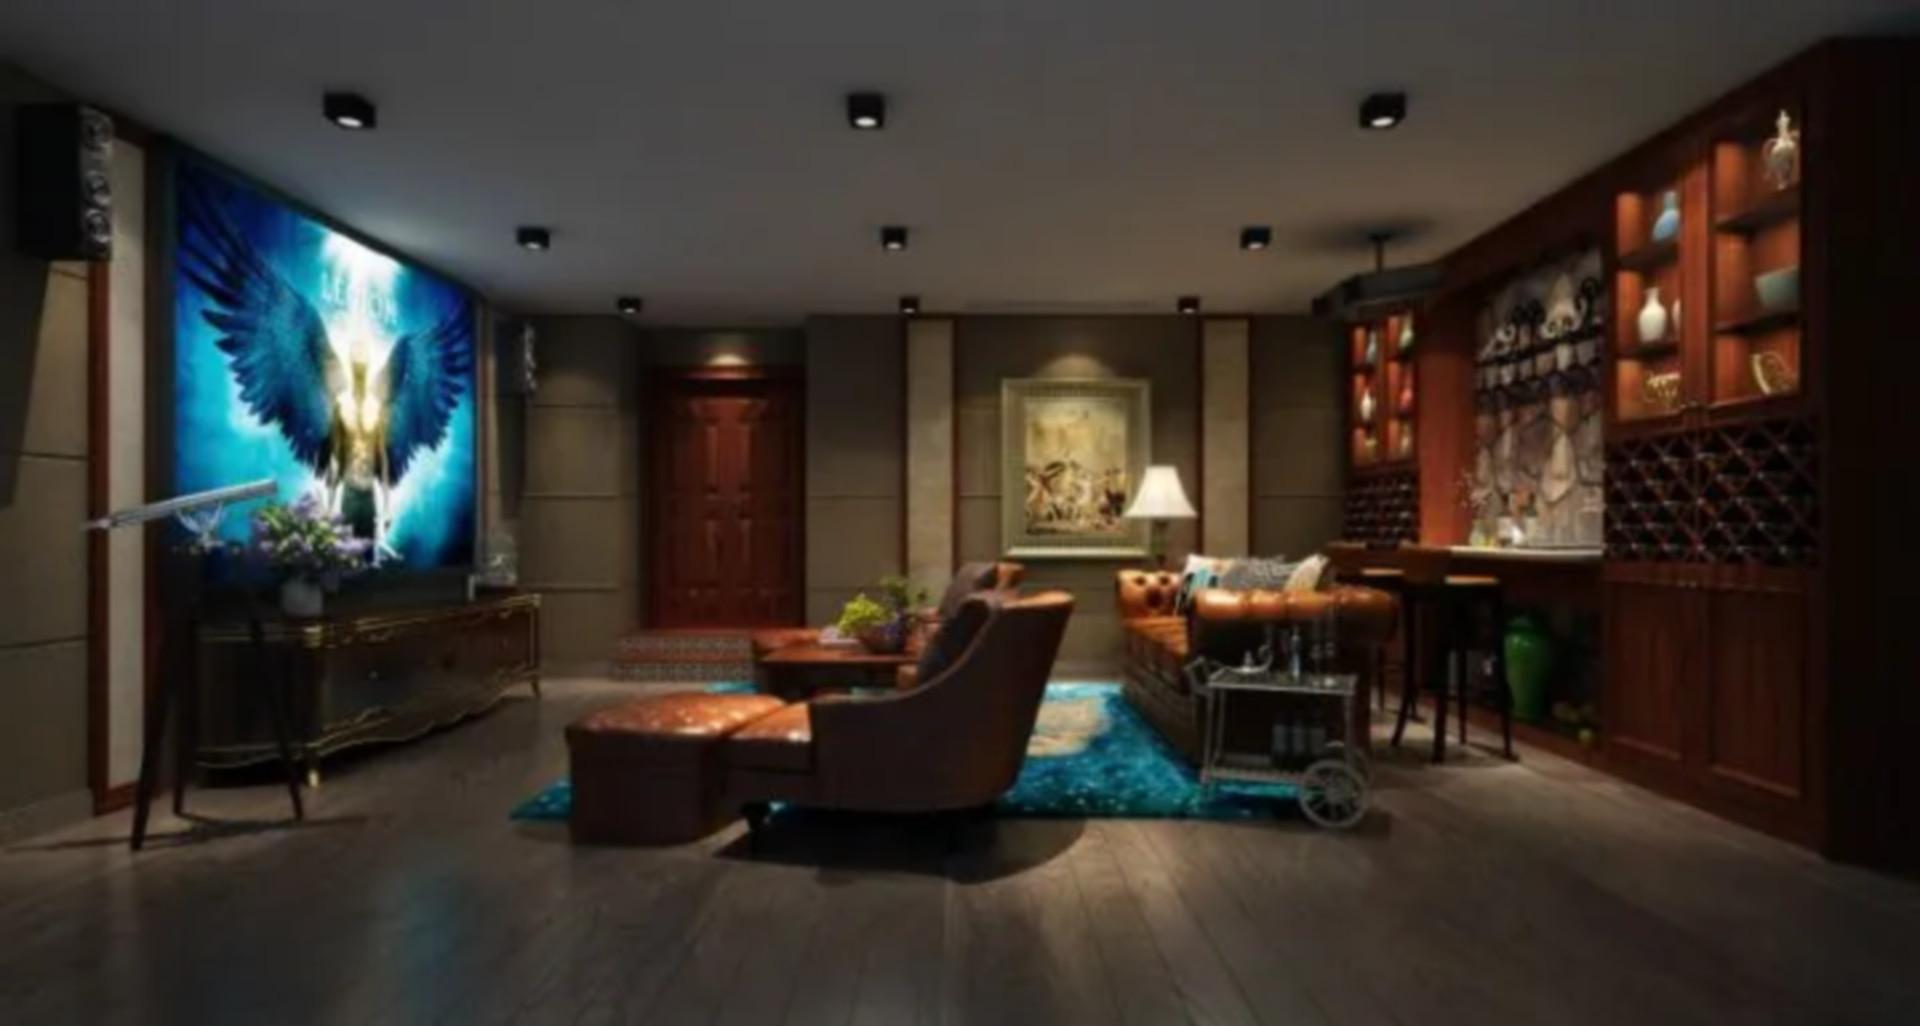 蜂蜜浏览器_Small-Home-Theater-Room-Design-4.jpg